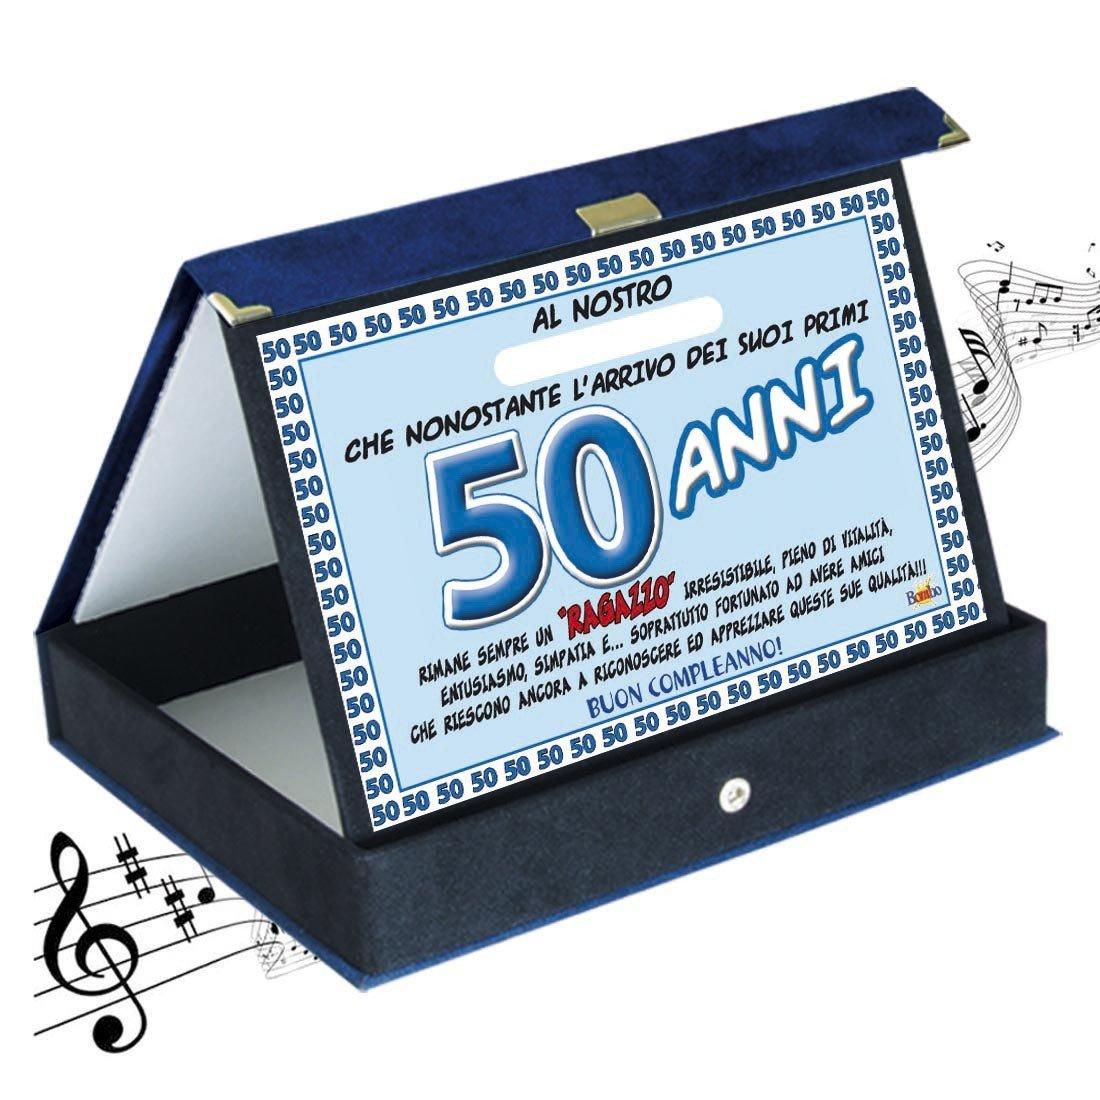 abbastanza Targa premio compleanno sonora 50 anni amico| Articolo, idee  EH85